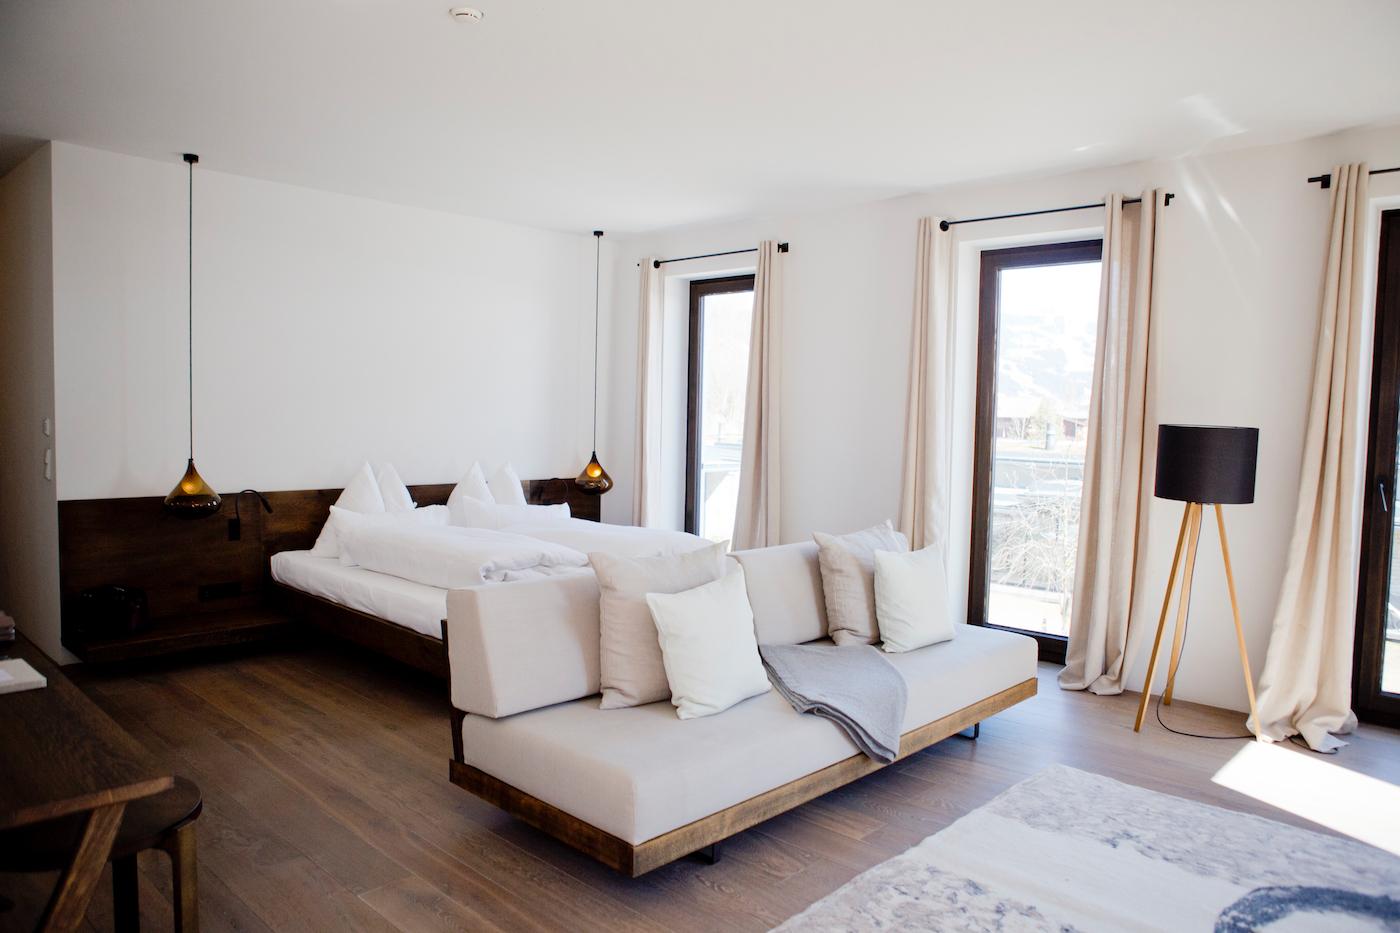 Wiesergut 5 sterne design hotel saalbach hinterglemm for Design hotel pauschalreise